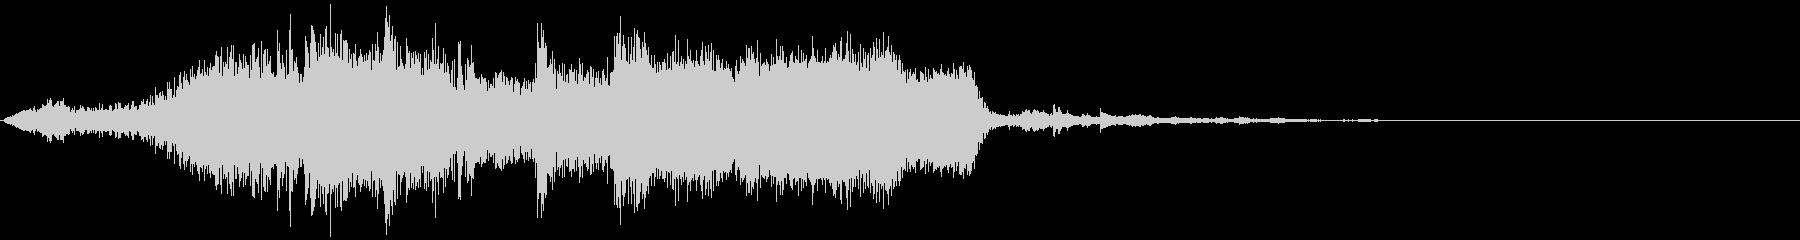 木管楽器とストリングスで構成したきらび…の未再生の波形